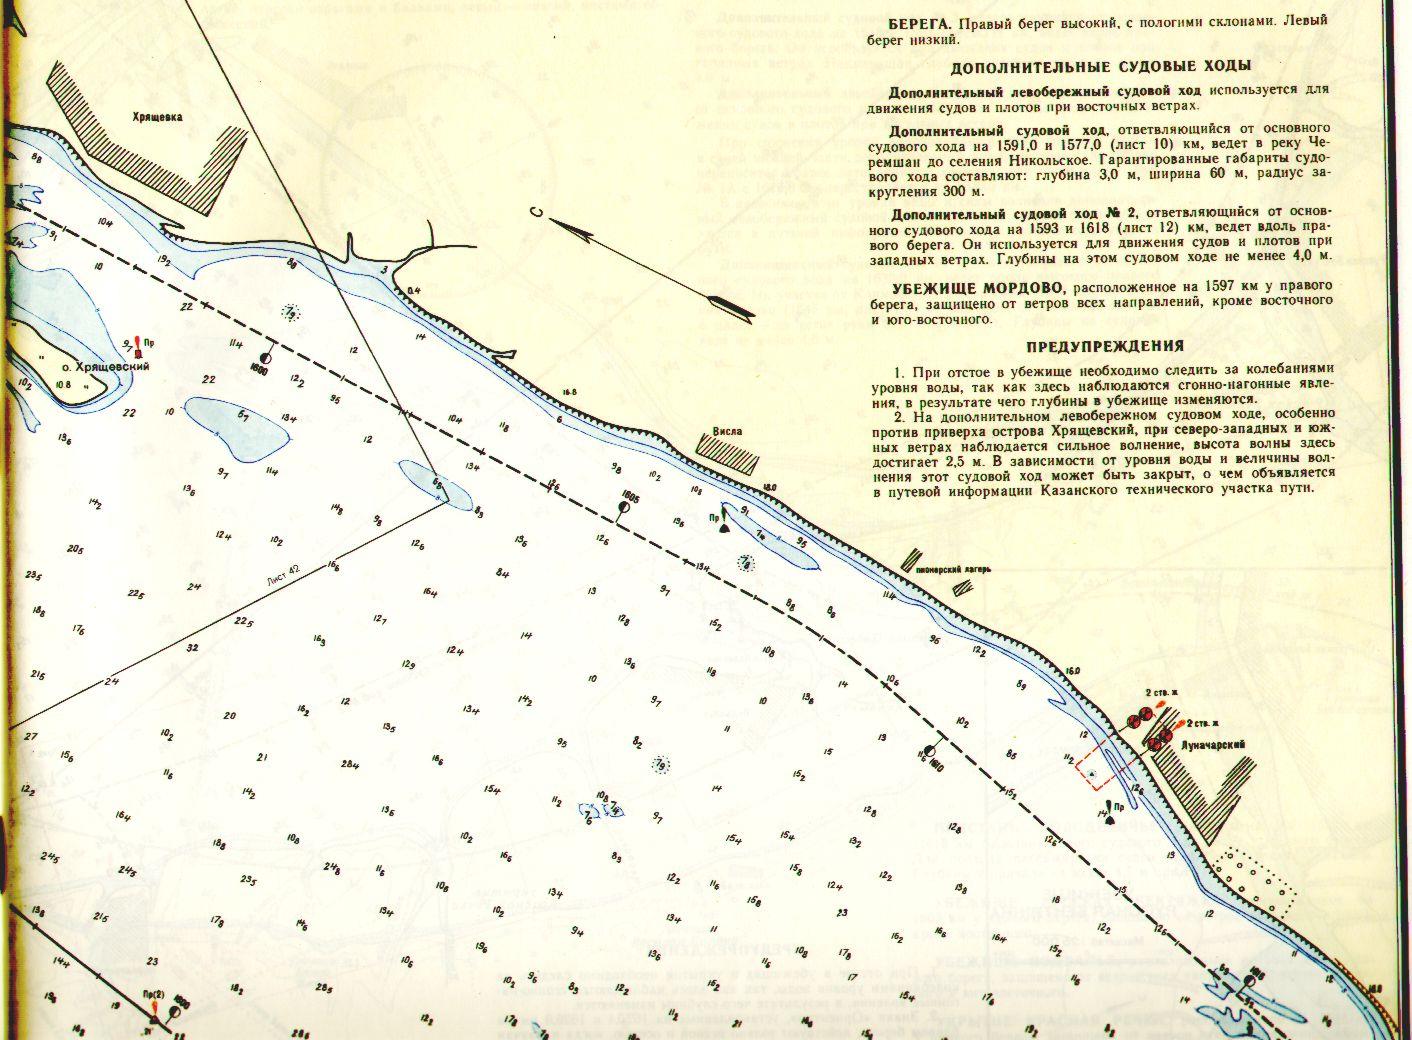 рыболовная карта глубин куйбышевского водохранилища